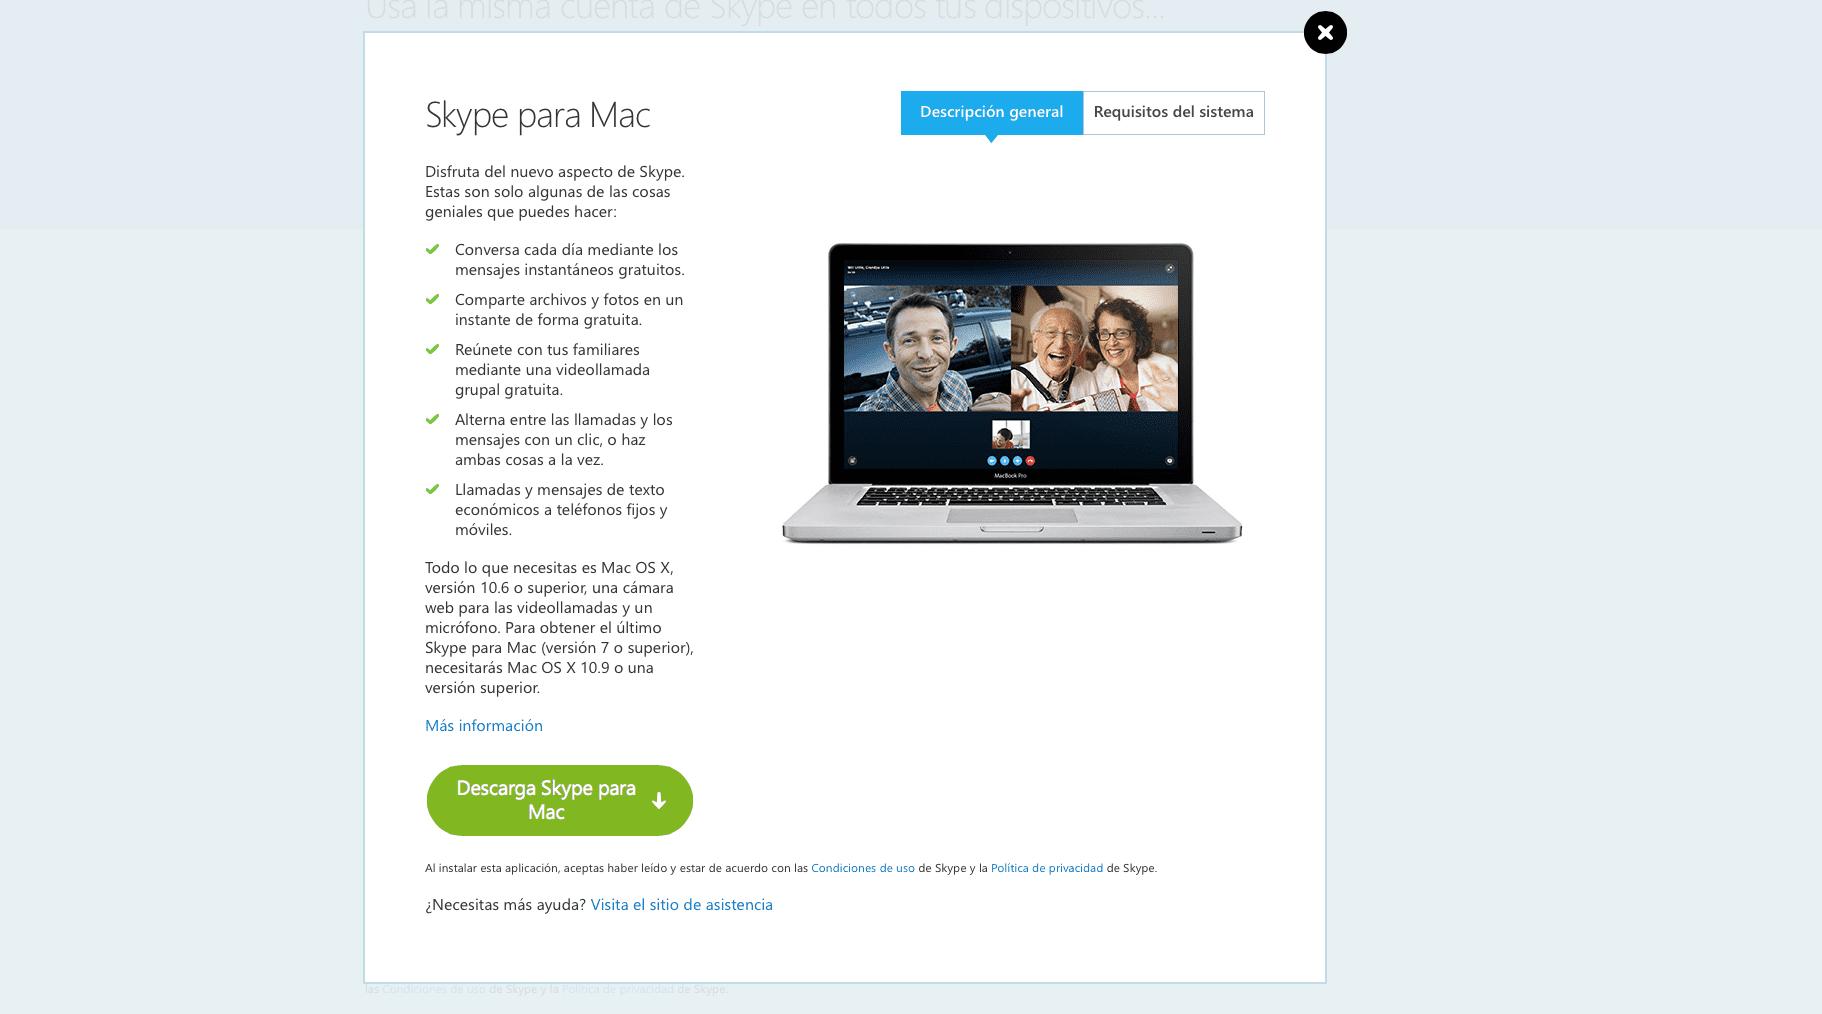 Skype para Mac se actualiza a la versión 7.9